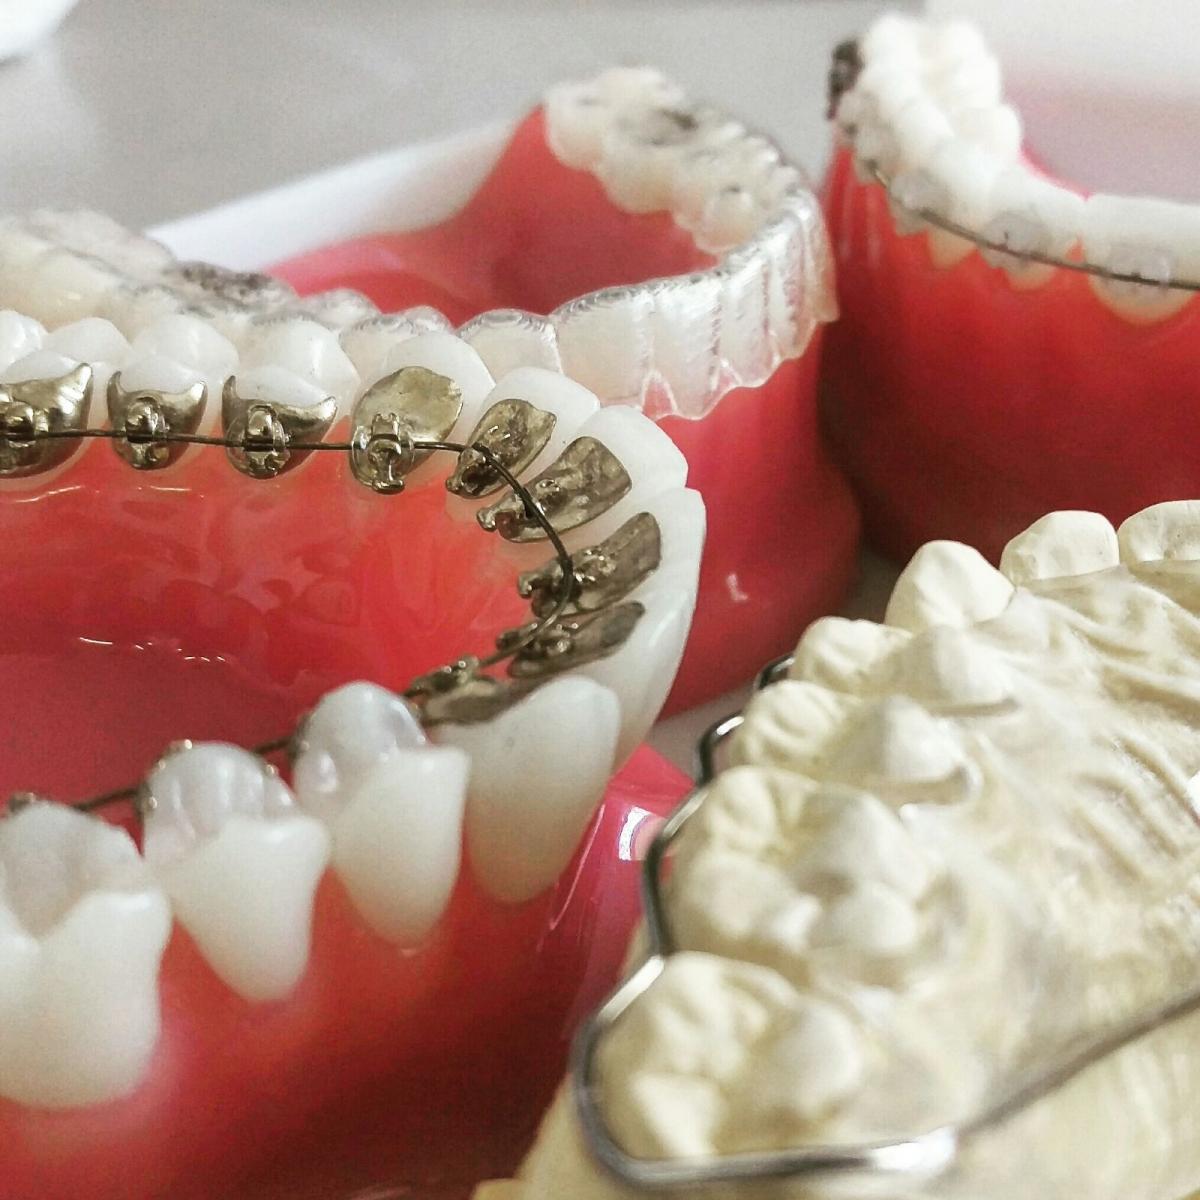 Que aparelho dentário escolher?